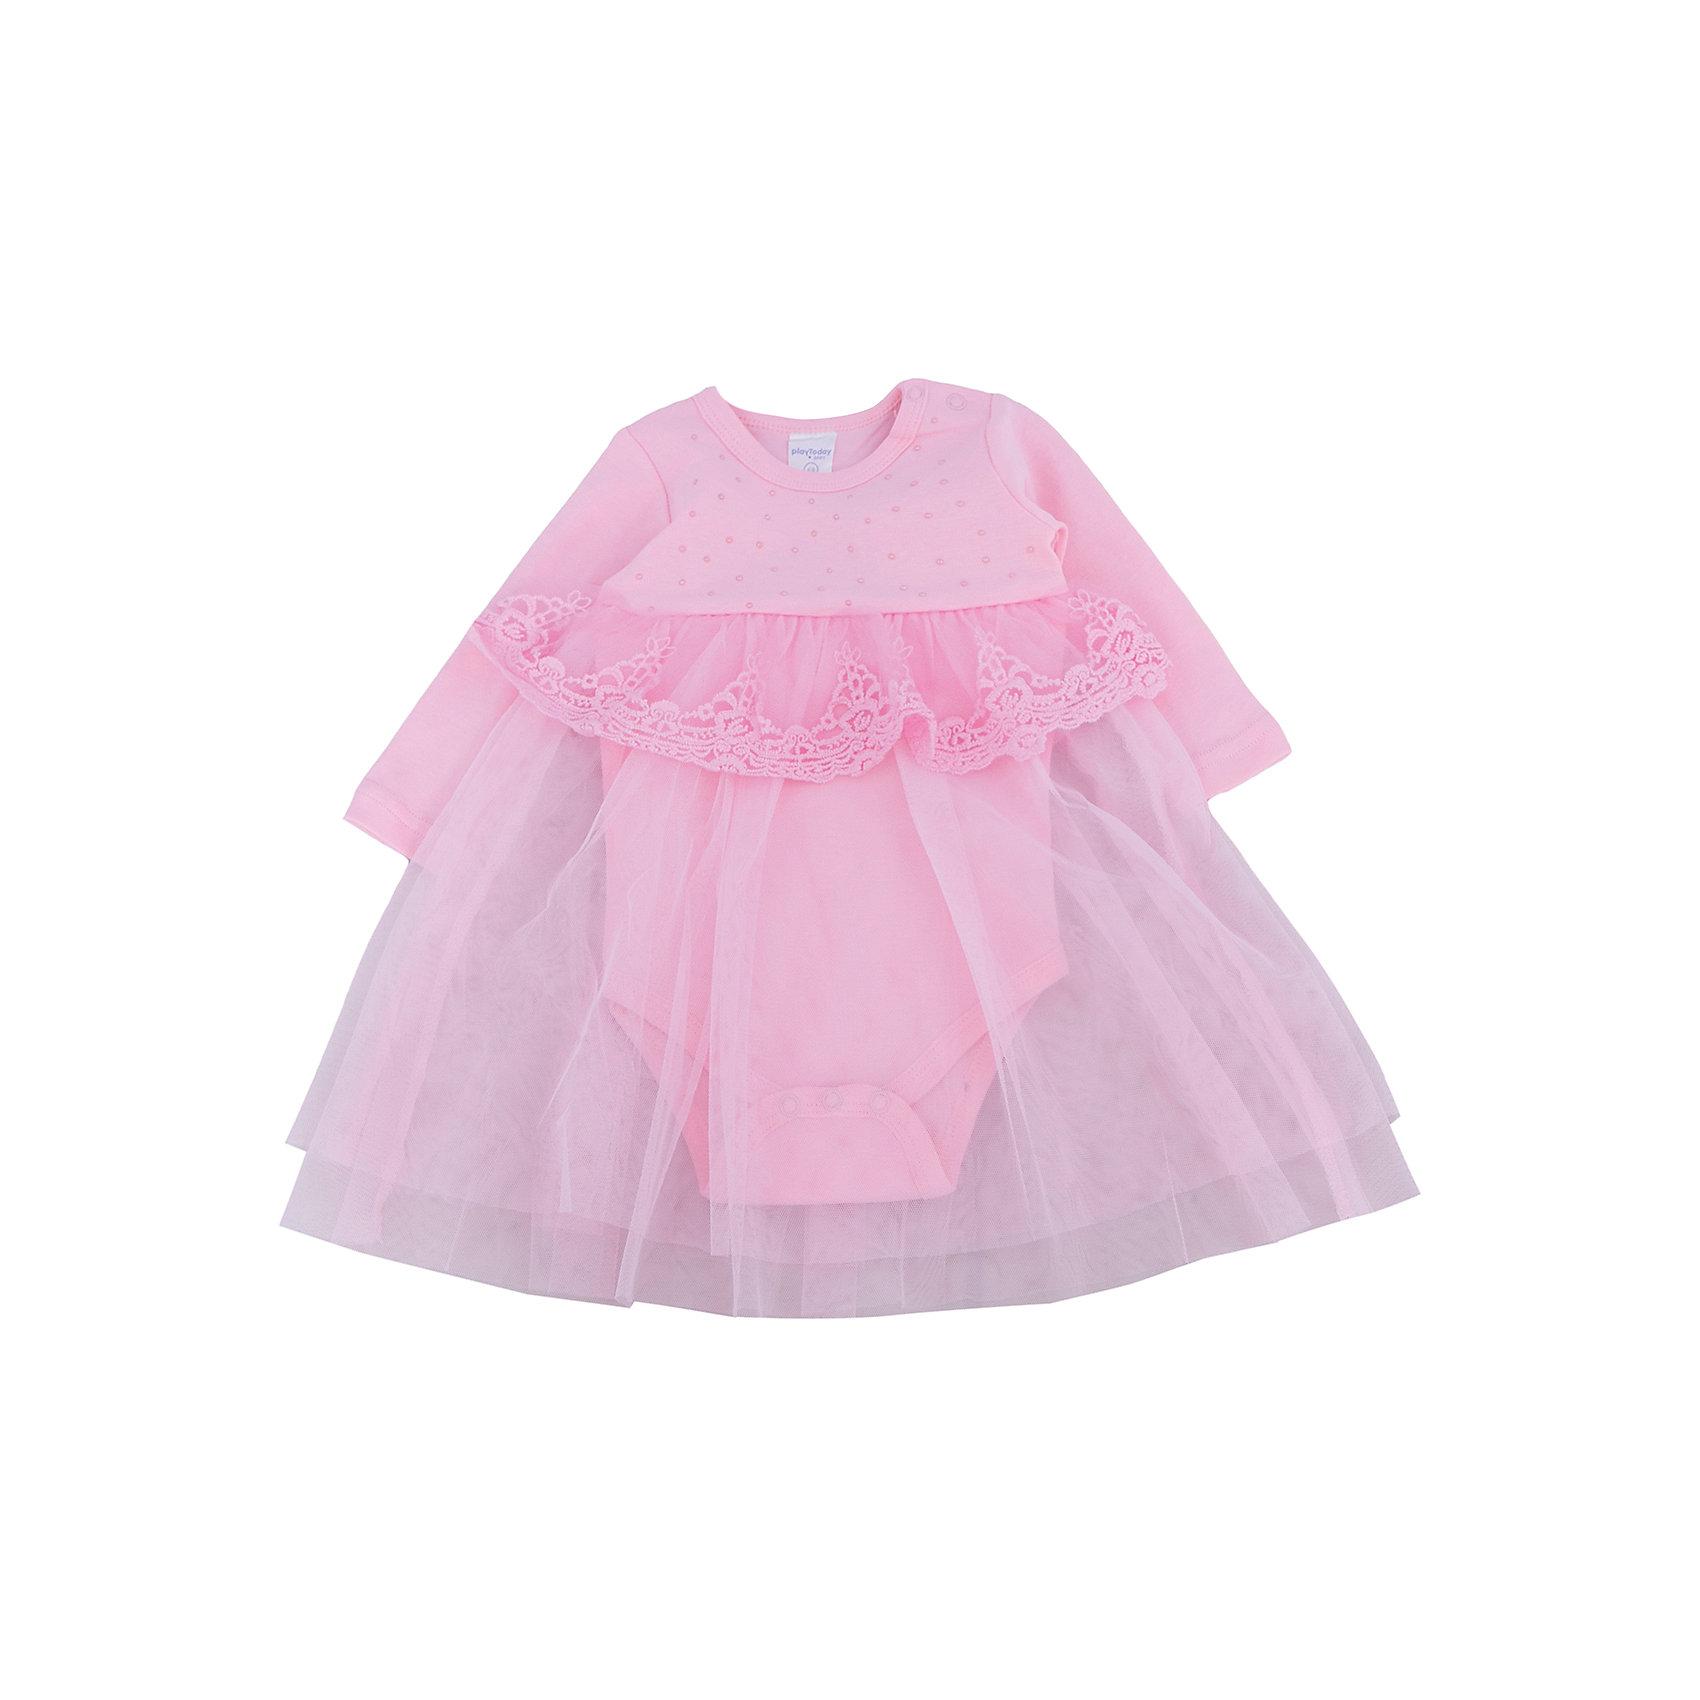 Нарядное боди-платье для девочки PlayTodayПлатья<br>Характеристики:<br><br>• Вид одежды: платье-боди<br>• Предназначение: праздничное платье<br>• Сезон: круглый год<br>• Материал: боди – 100% хлопок, юбка – 100% полиэстер<br>• Цвет: розовый<br>• Силуэт: расклешенная юбка<br>• Длина платья: миди<br>• Рукав: длинный<br>• Вырез горловины: круглый<br>• Застежка: кнопки на плече и снизу<br>• Особенности ухода: ручная стирка без применения отбеливающих средств, глажение при низкой температуре <br><br>PlayToday – это линейка детской одежды, которая предназначена как для повседневности, так и для праздников. Большинство моделей выполнены в классическом стиле, сочетающем в себе традиции с яркими стильными элементами и аксессуарами. Весь ассортимент одежды сочетается между собой по стилю и цветовому решению, поэтому Вам будет легко сформировать гардероб вашего ребенка, который отражает его индивидуальность. <br>Яркое платье для девочки PlayToday выполнено по типу боди с длинными рукавами. Нижняя часть состоит из 100% хлопка, юбка – из полиэстера розового цвета. У платья круглая горловина, длинный рукав. Юбка многослойная: нижняя более длинная и короткая из кружева, которым декорирована завышенная талия. Верхняя часть платья декорирована жемчужными стразами. Платье-боди легко надевать и снимать, на плече и снизу предусмотрены застежки-кнопки. Платье для девочки PlayToday – это стиль, качество и элегантность!<br><br>Платье для девочки PlayToday можно купить в нашем интернет-магазине.<br><br>Ширина мм: 236<br>Глубина мм: 16<br>Высота мм: 184<br>Вес г: 177<br>Цвет: розовый<br>Возраст от месяцев: 18<br>Возраст до месяцев: 24<br>Пол: Женский<br>Возраст: Детский<br>Размер: 92,86,74,62,68,80<br>SKU: 5059390